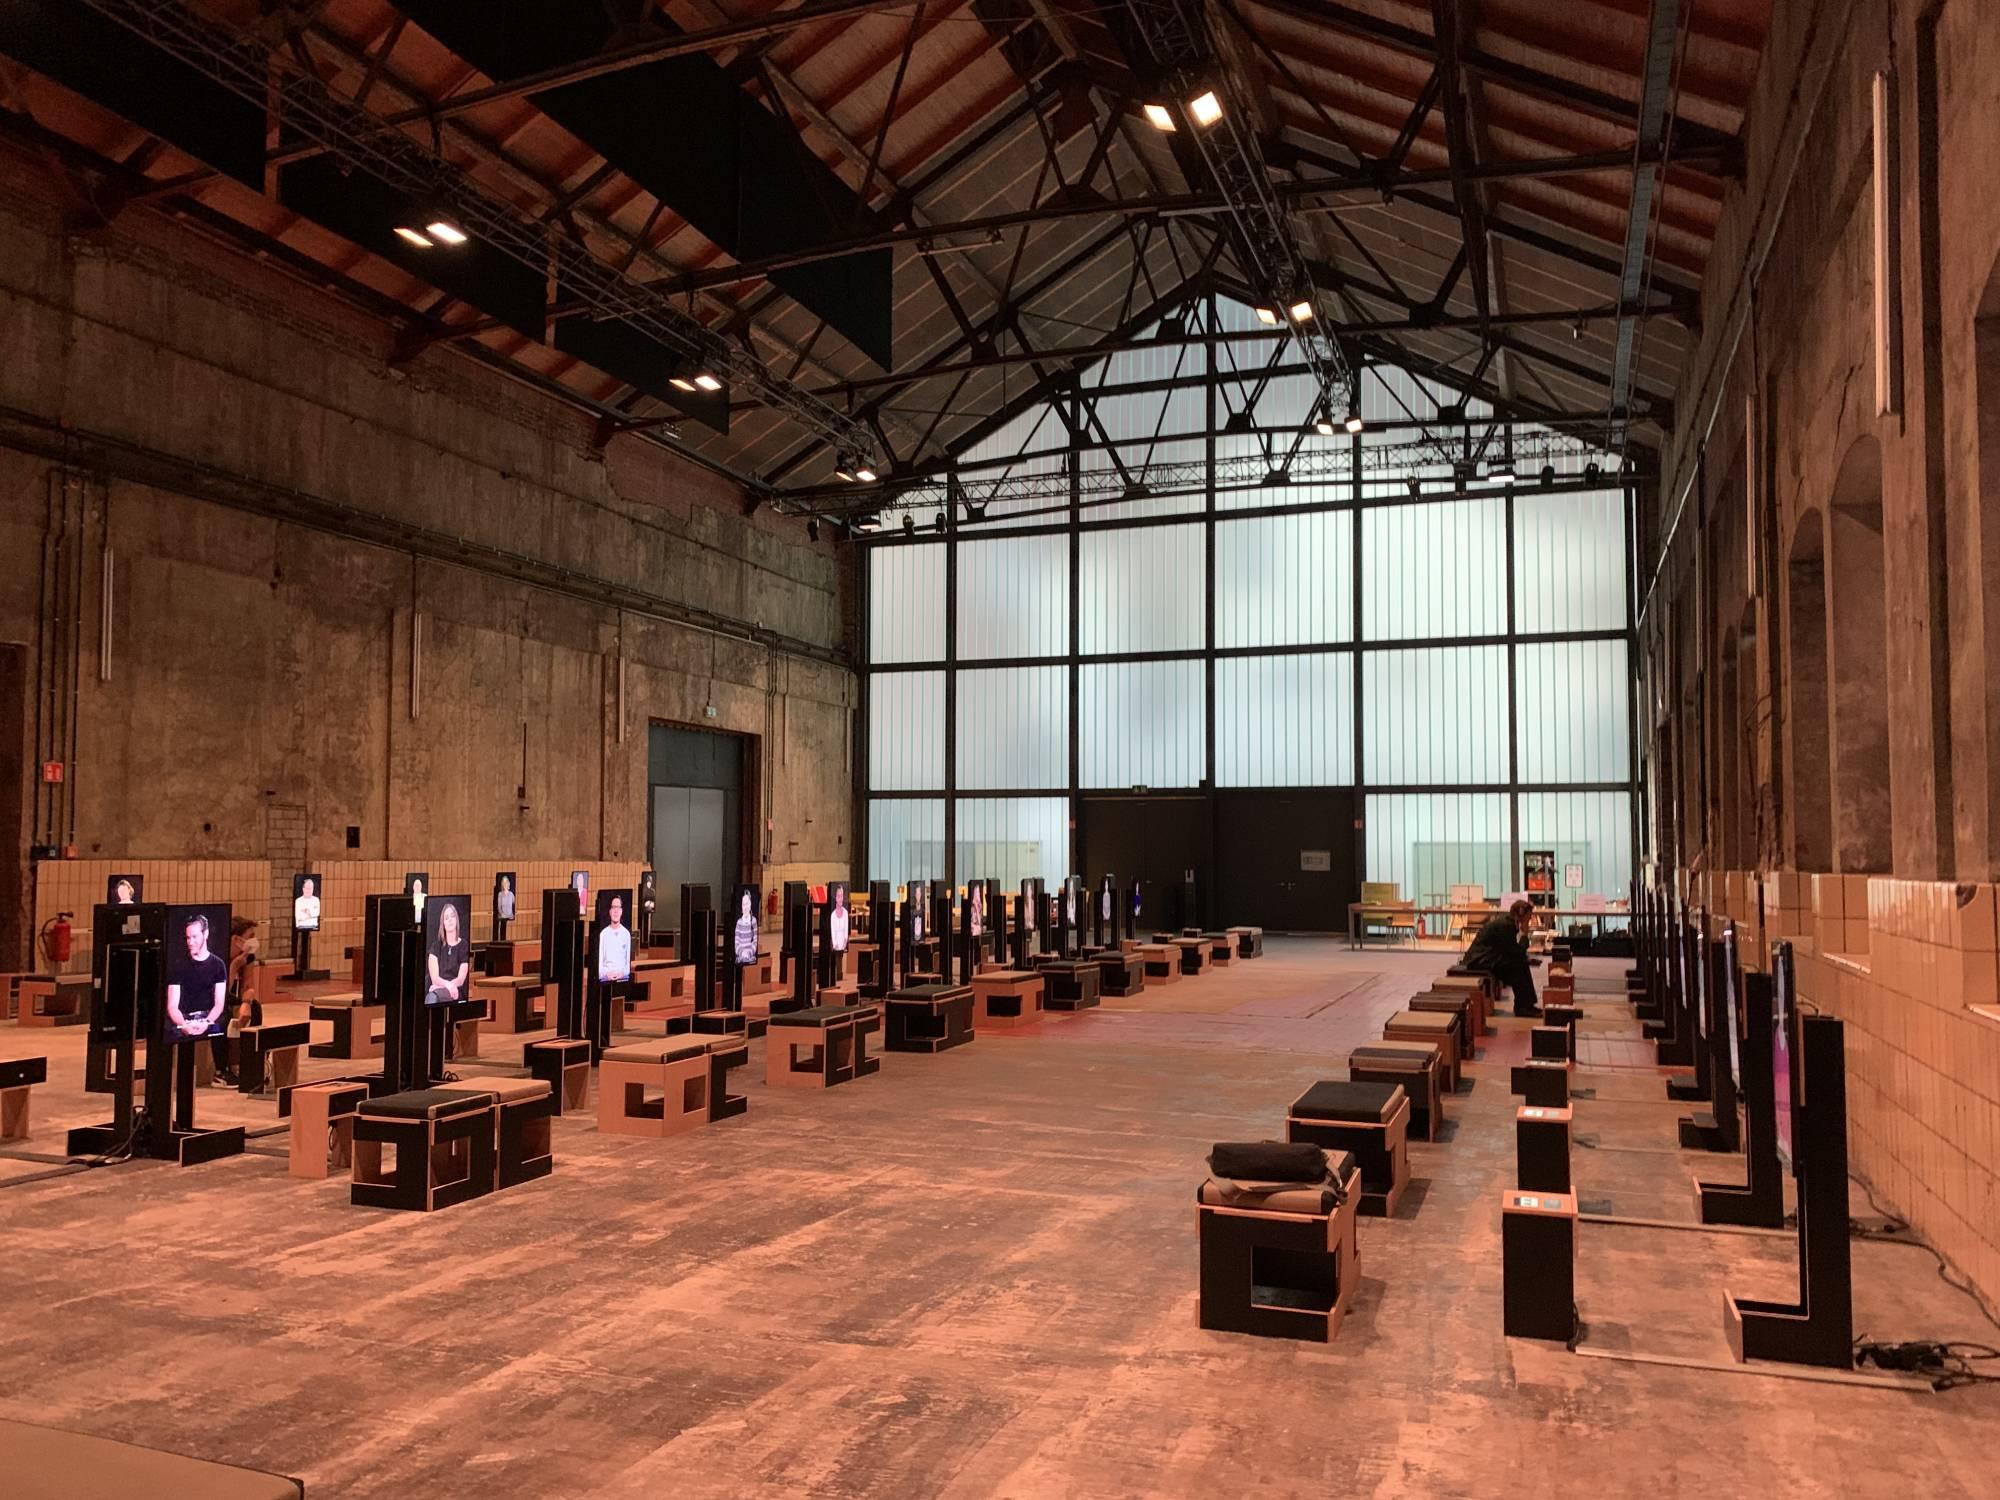 Bochum, Turbinenhalle bei der Jahrhunderthalle, Ruhrtriennale, August 2021